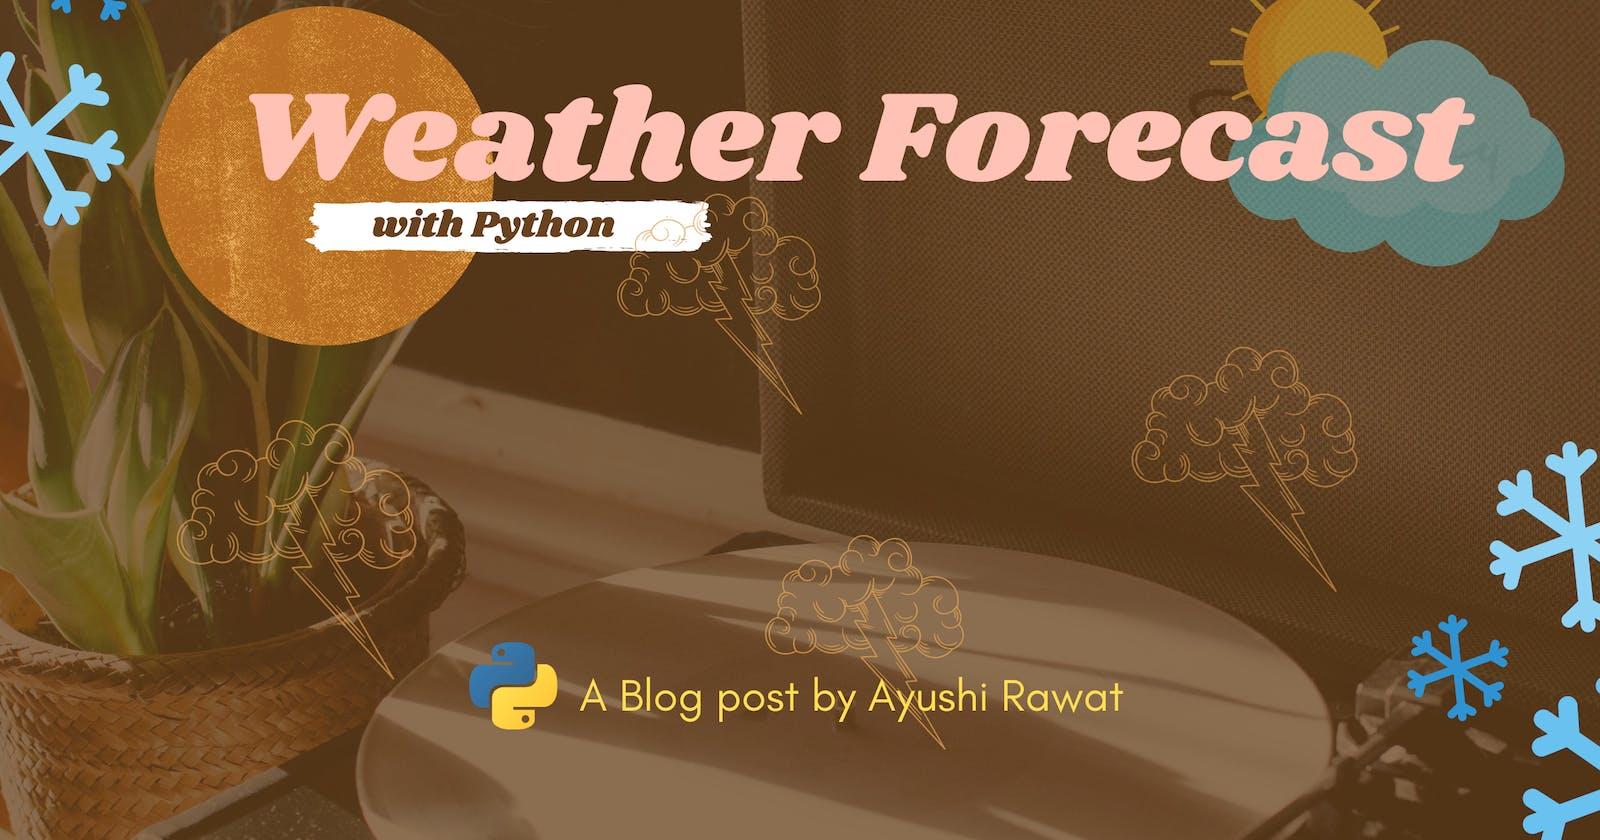 Forecast Weather using Python